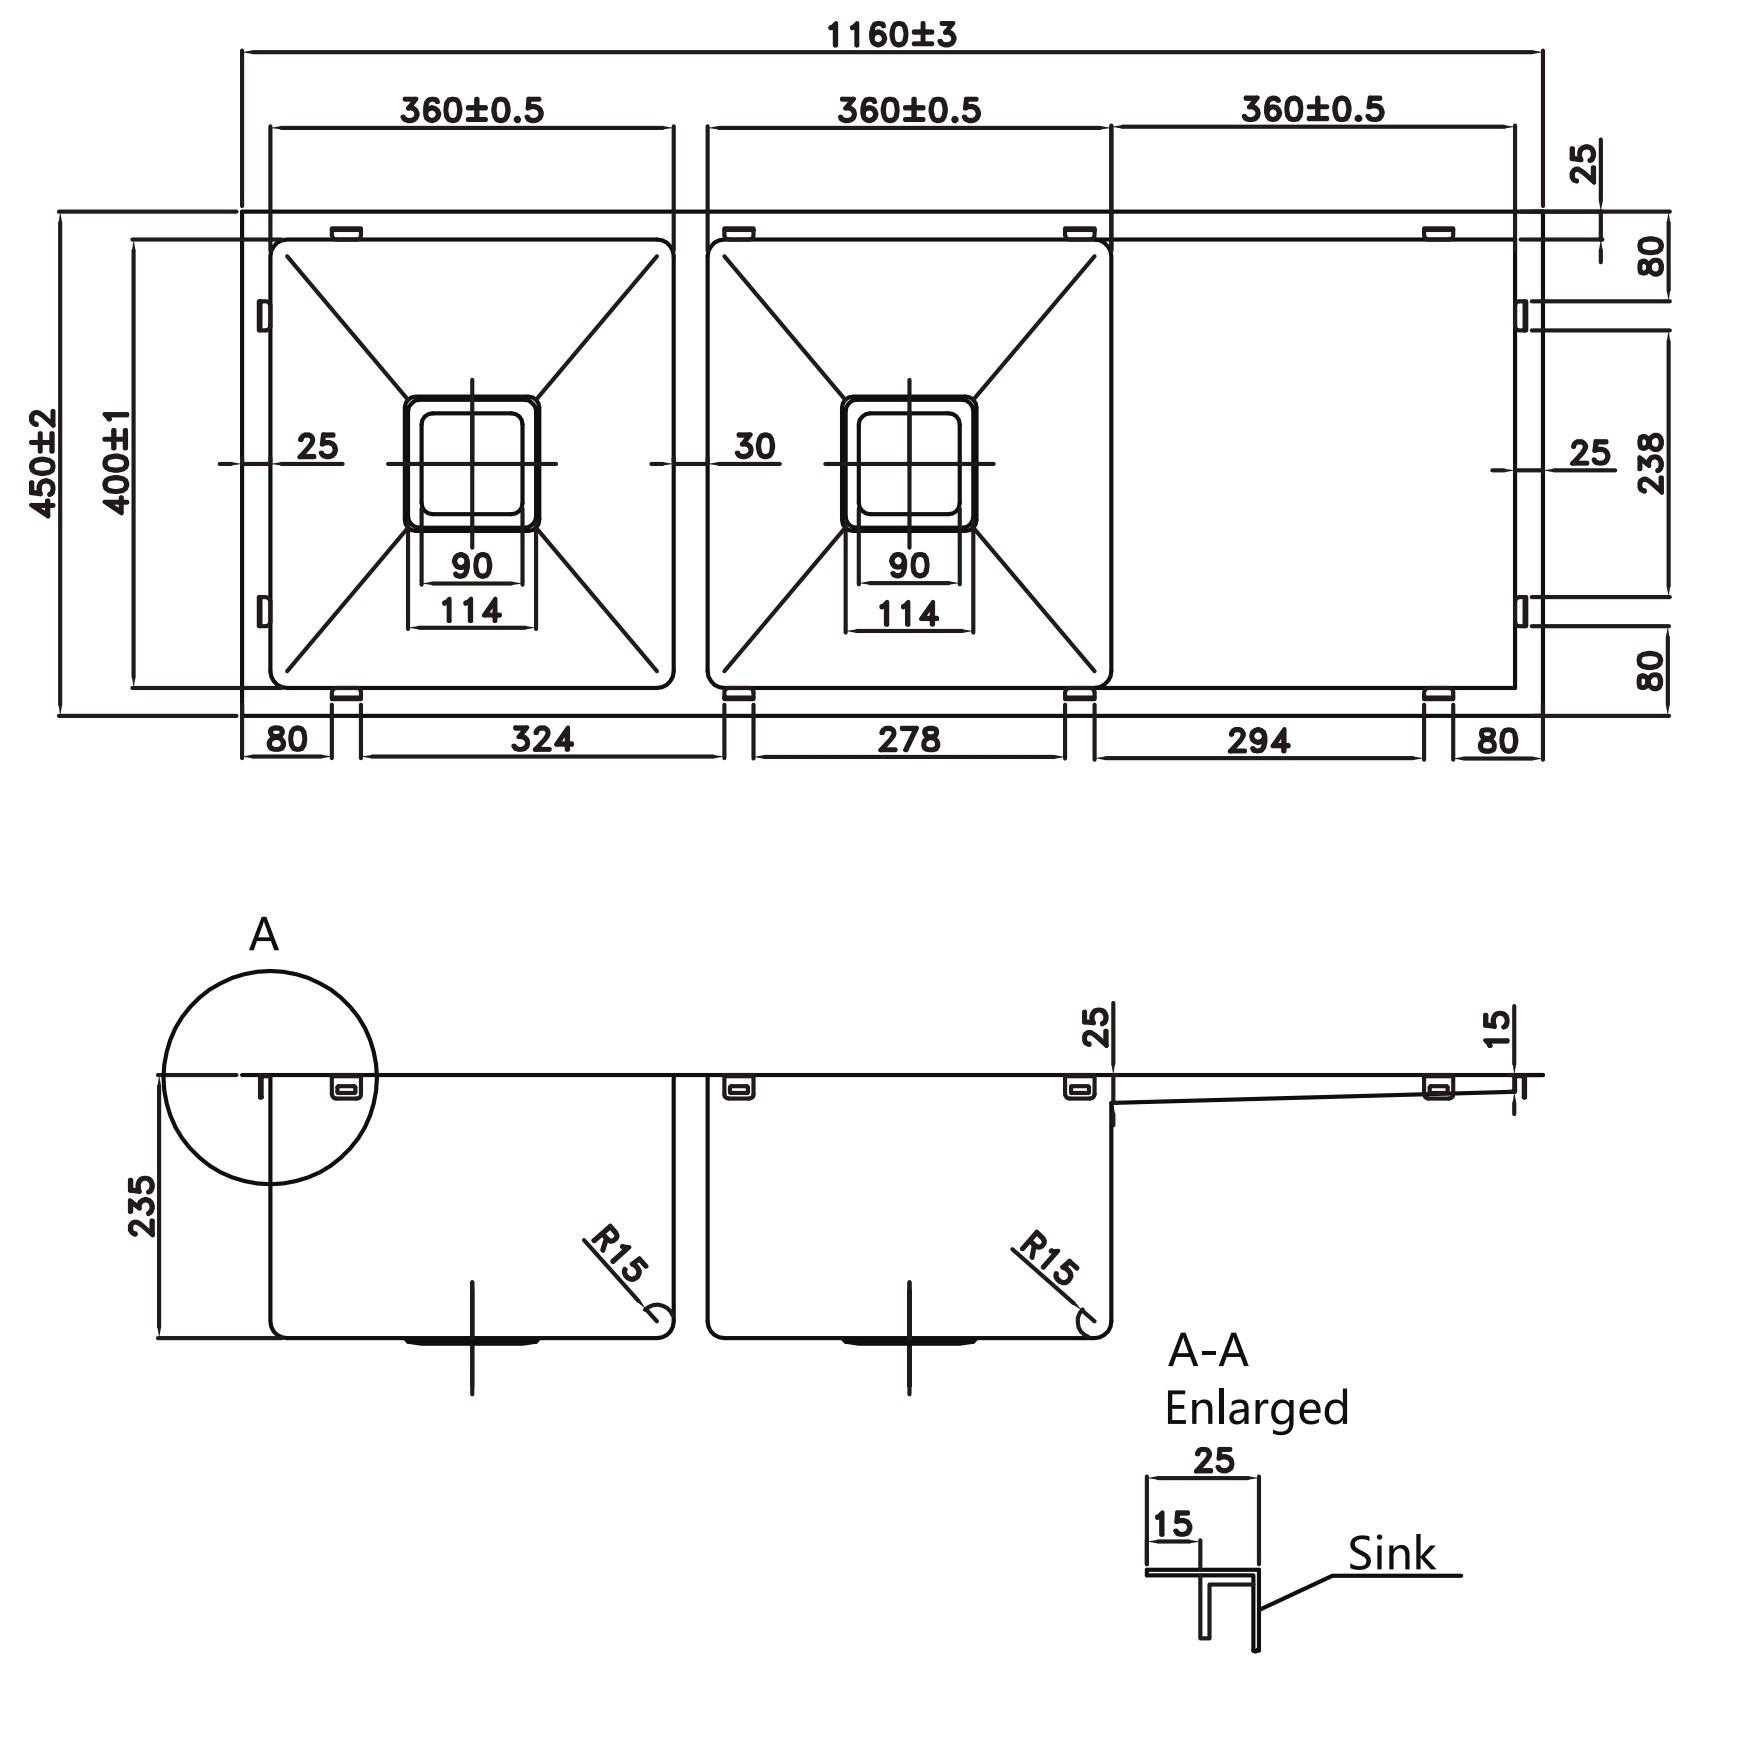 Kitchen Sink pks-1160sline